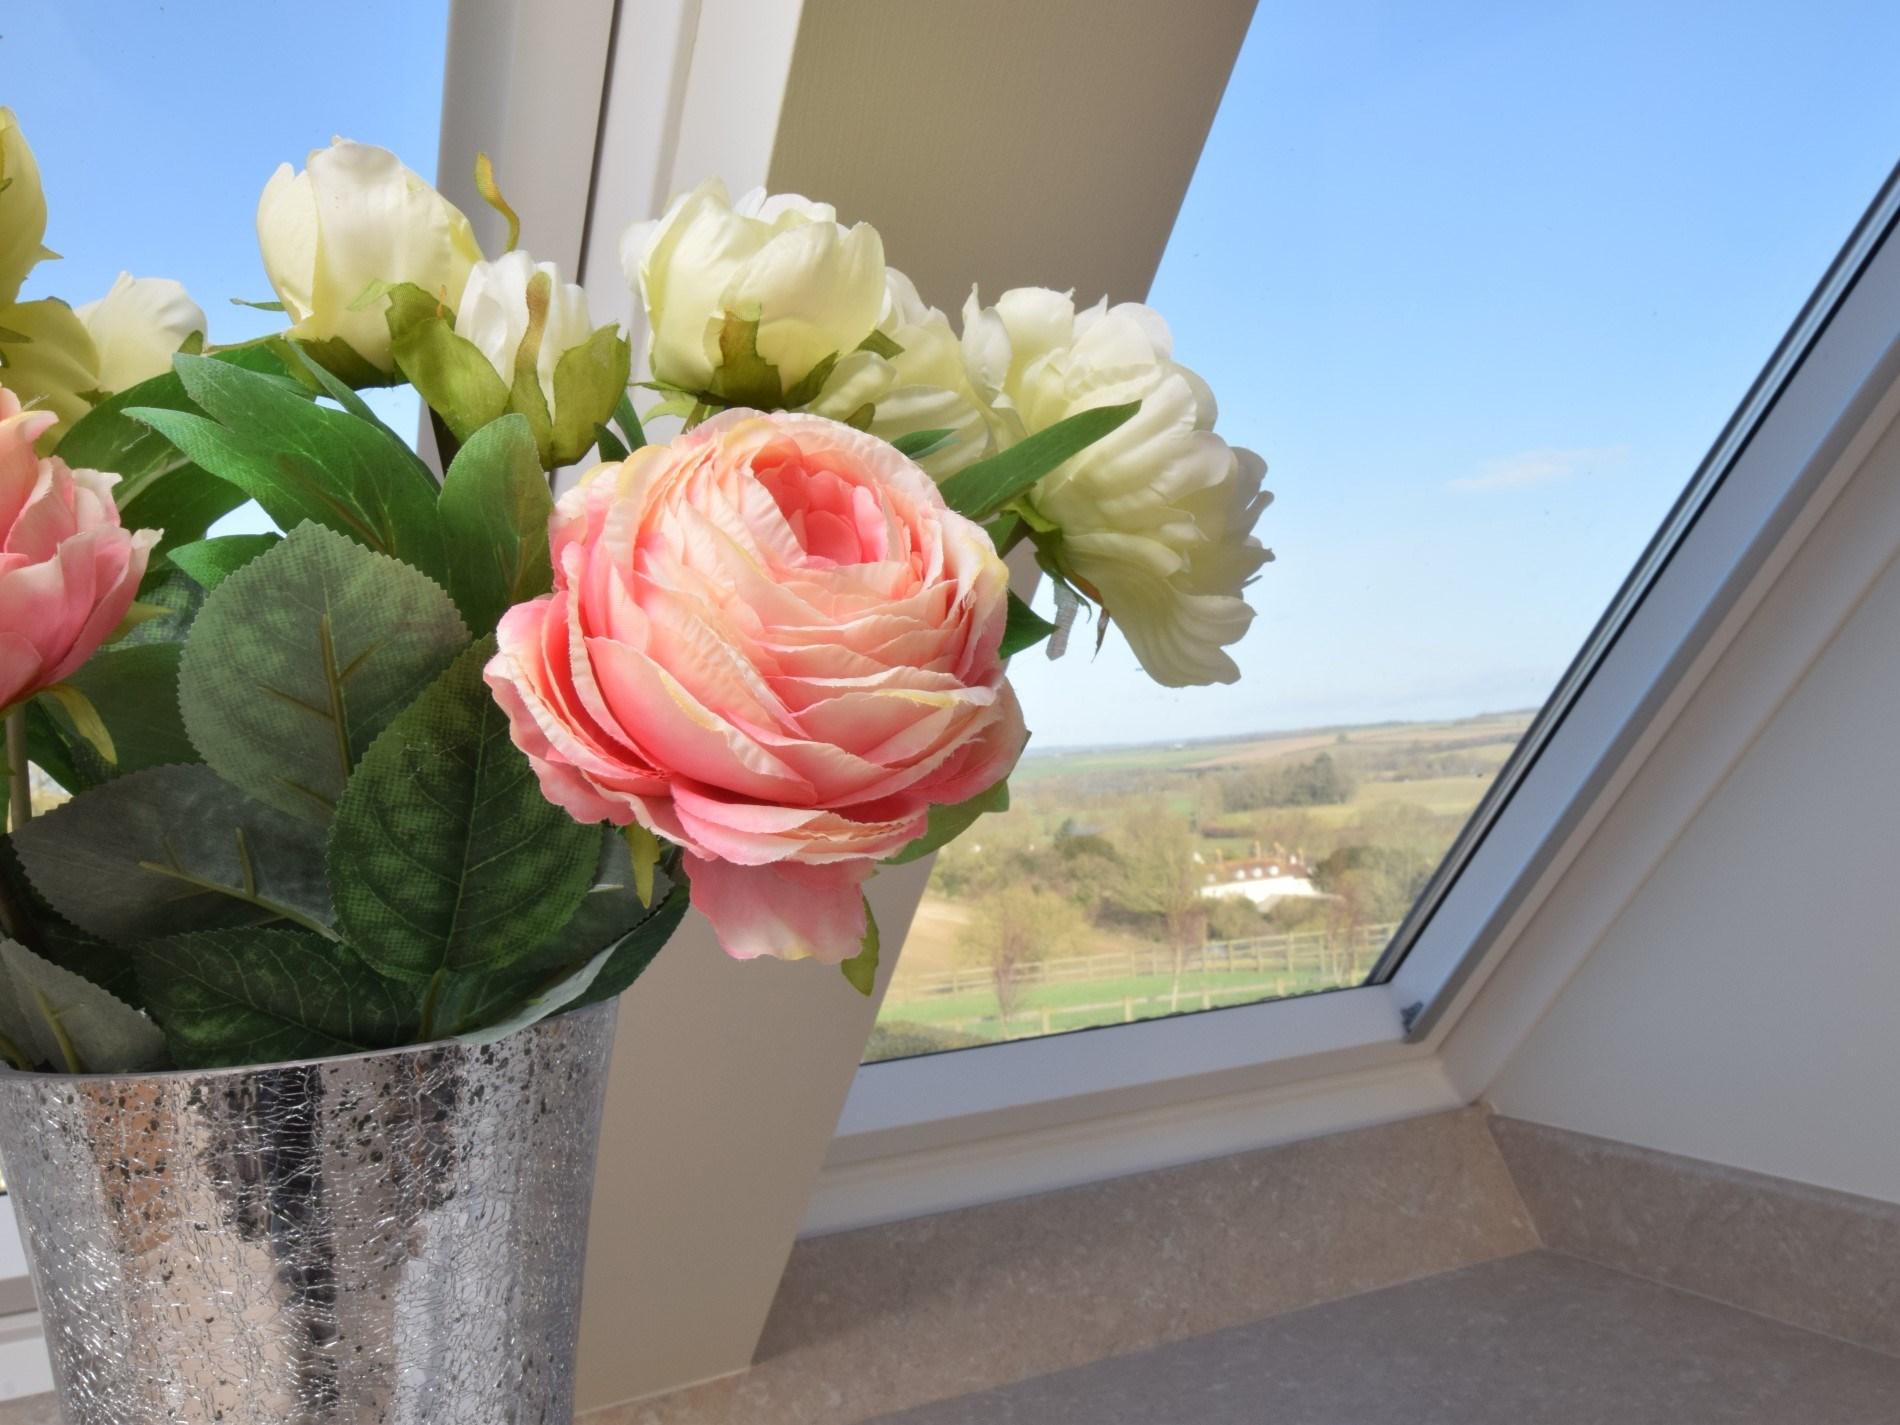 Views from kitchen window